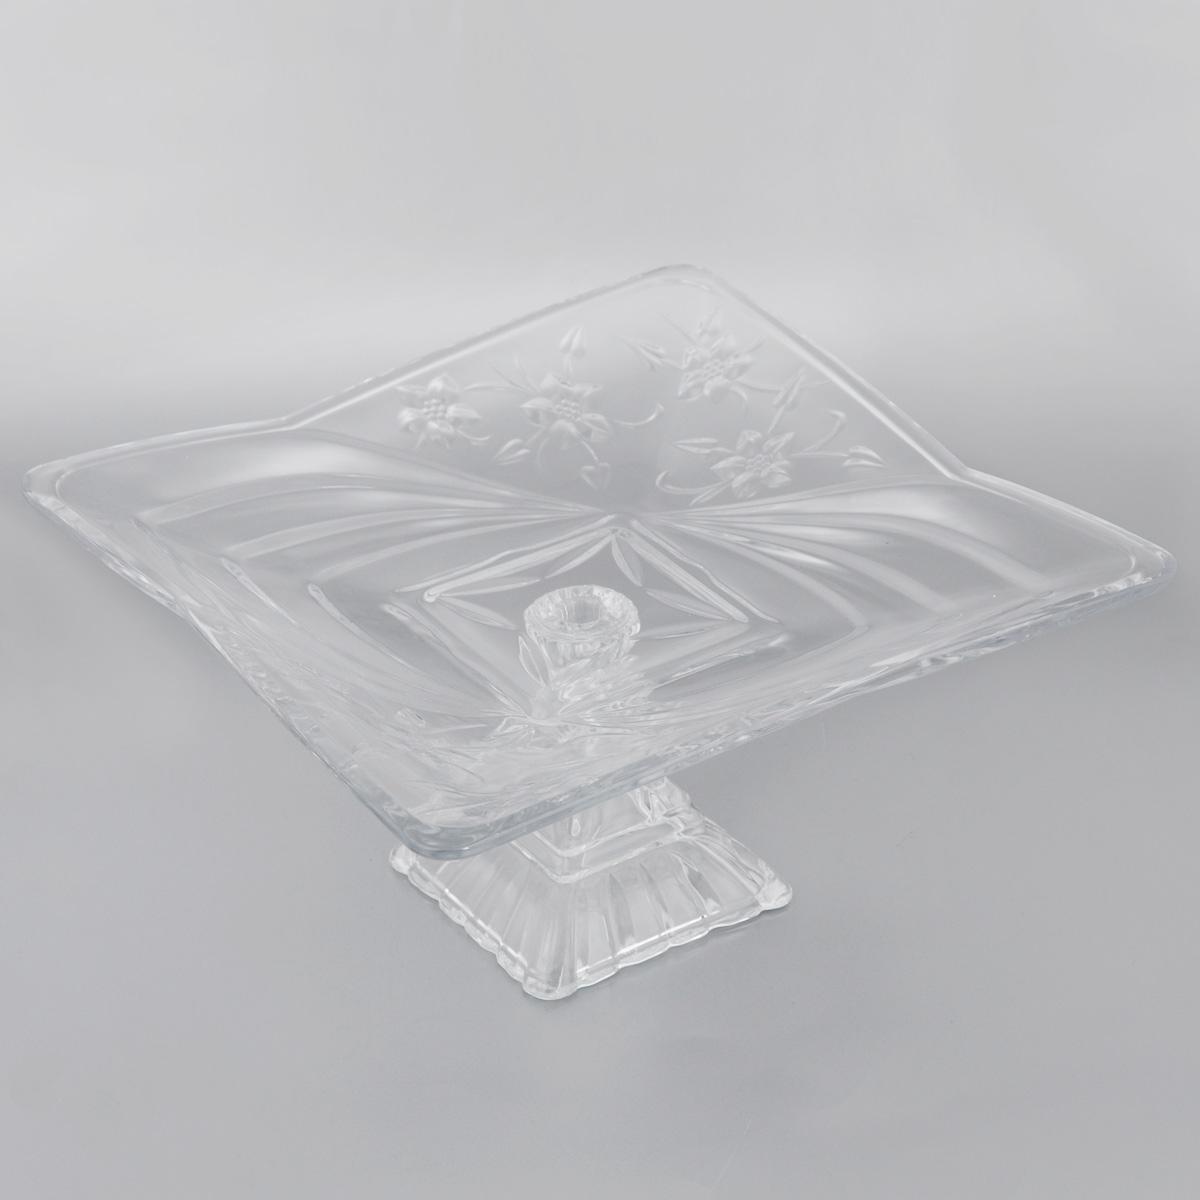 Конфетница на ножке Soga Клематис, 29 х 29 смZ2966WЭлегантная конфетница Soga Клематис на ножке, изготовленная из прочного стекла, имеет многогранную рельефную поверхность. Конфетница предназначена для красивой сервировки сладостей. Изделие придется по вкусу и ценителям классики, и тем, кто предпочитает утонченность и изящность. Конфетница Soga Клематис украсит сервировку вашего стола и подчеркнет прекрасный вкус хозяина, а также станет отличным подарком. Можно мыть в посудомоечной машине. Размер по верхнему краю: 29 х 29 см. Высота: 15 см.